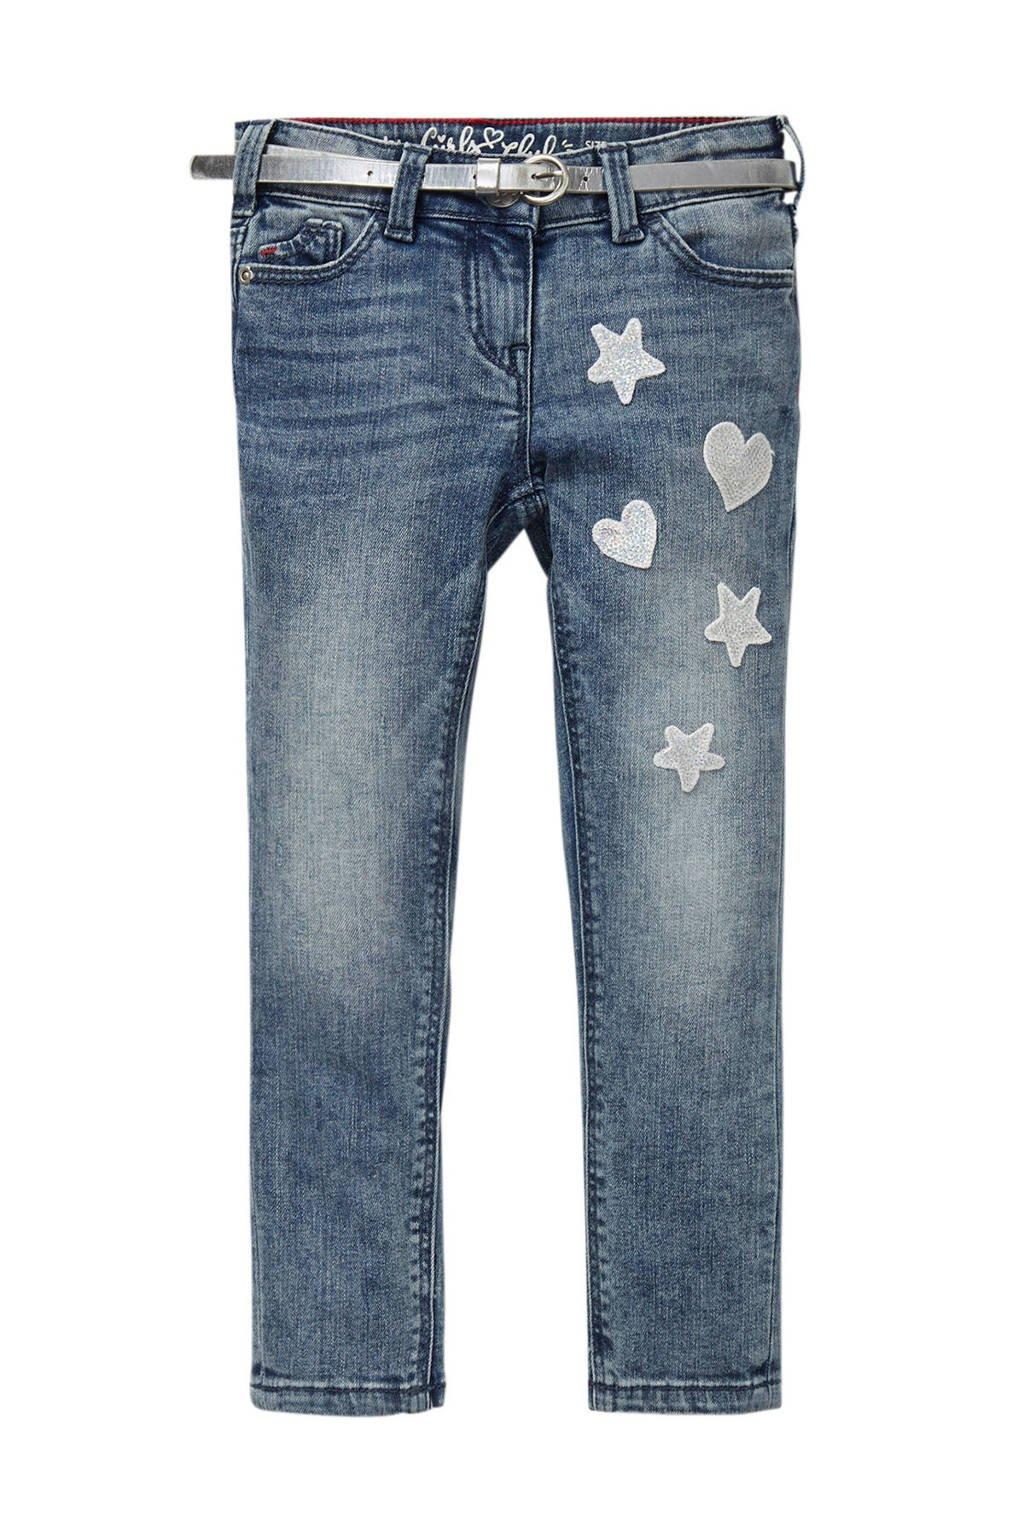 C&A skinny jeans stonewashed, Stonewashed